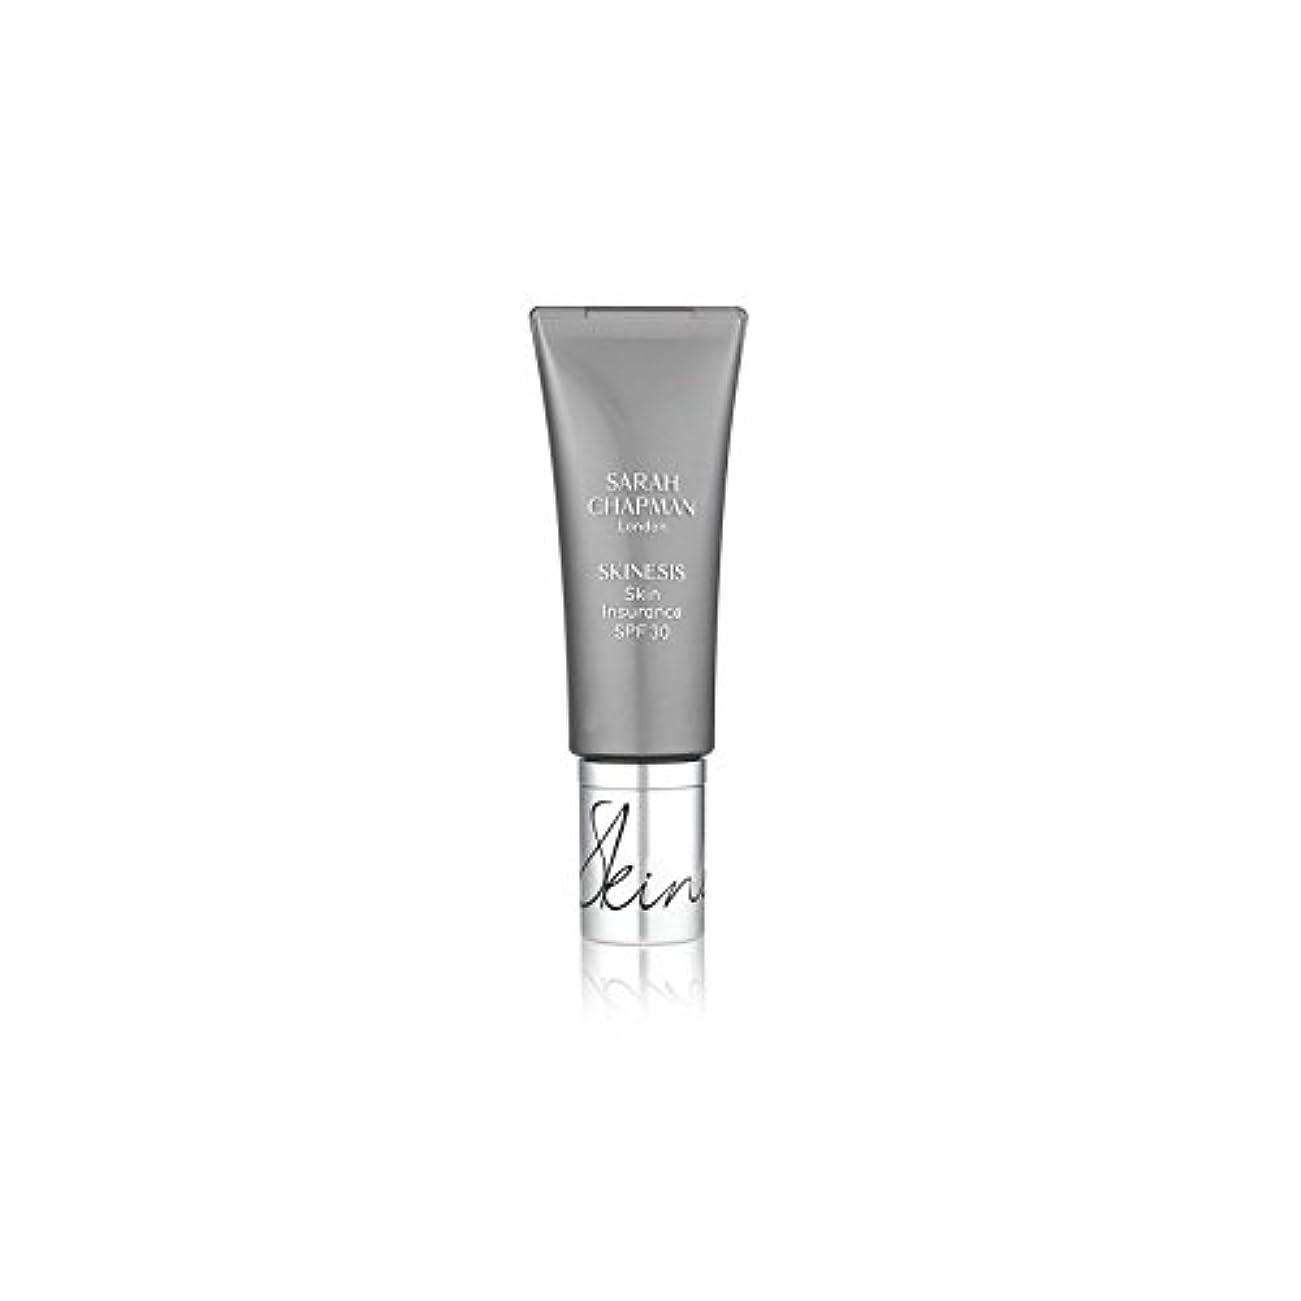 流行欠伸寄付するSarah Chapman Skinesis Skin Insurance Spf 30 (30ml) (Pack of 6) - サラ?チャップマン皮膚保険 30(30ミリリットル) x6 [並行輸入品]